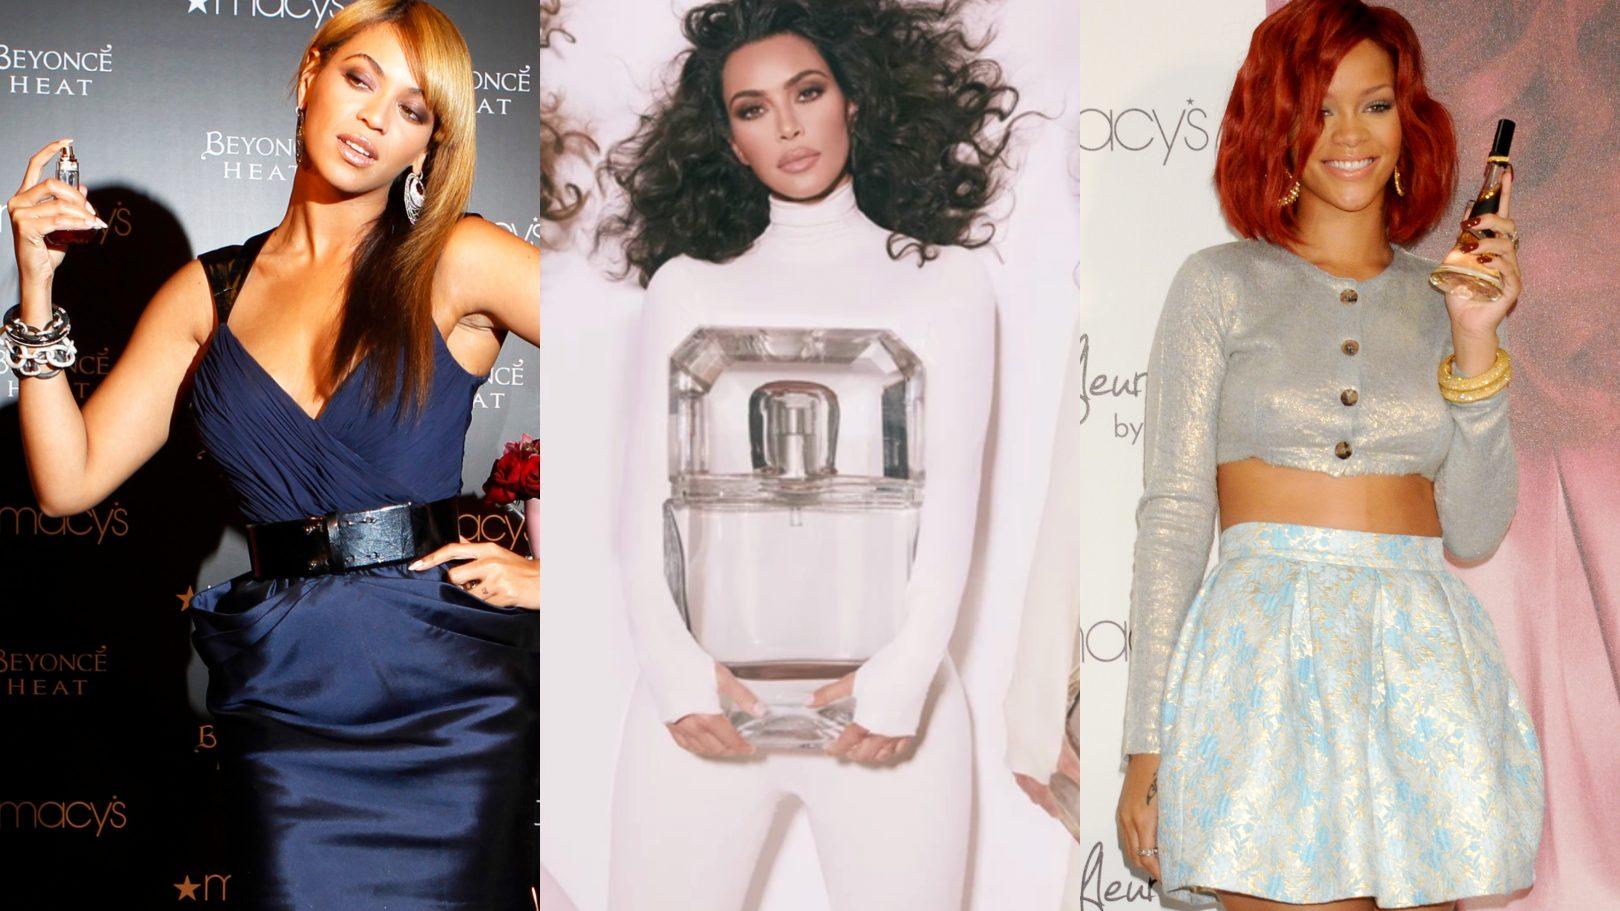 Beyoncé, Kim Kardashian, Rihanna fragrances